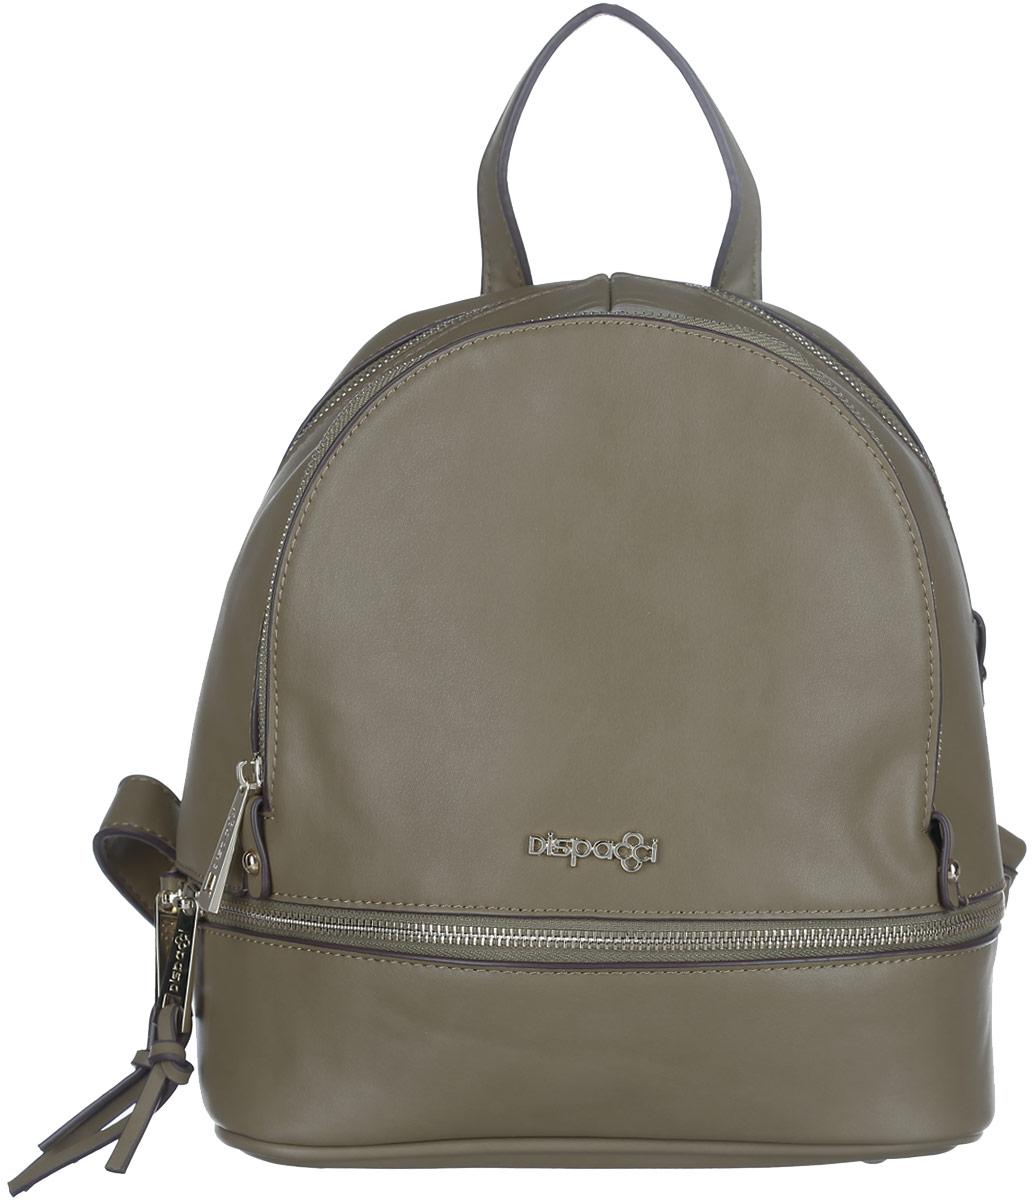 Рюкзак женский Dispacci, цвет: оливковый. 3197831978Компактный рюкзак Dispacci изготовлен из экокожи и оформлен металлической пластиной в виде логотипа бренда. Лицевая сторона рюкзака украшена декоративной молнией с двумя бегунками. Изделие содержит одно основное отделение, закрывающееся на застежку-молнию. Внутри расположены: накладной кармашек для мелочей и врезной карман на молнии. На лицевой стороне изделия расположен вместительный прорезной карман на молнии. Дно изделия дополнено металлическими ножками. Рюкзак оснащен двумя удобными лямками регулируемой длины и петлей для подвешивания. Стильный аксессуар позволит вам завершить образ и быть неотразимой.